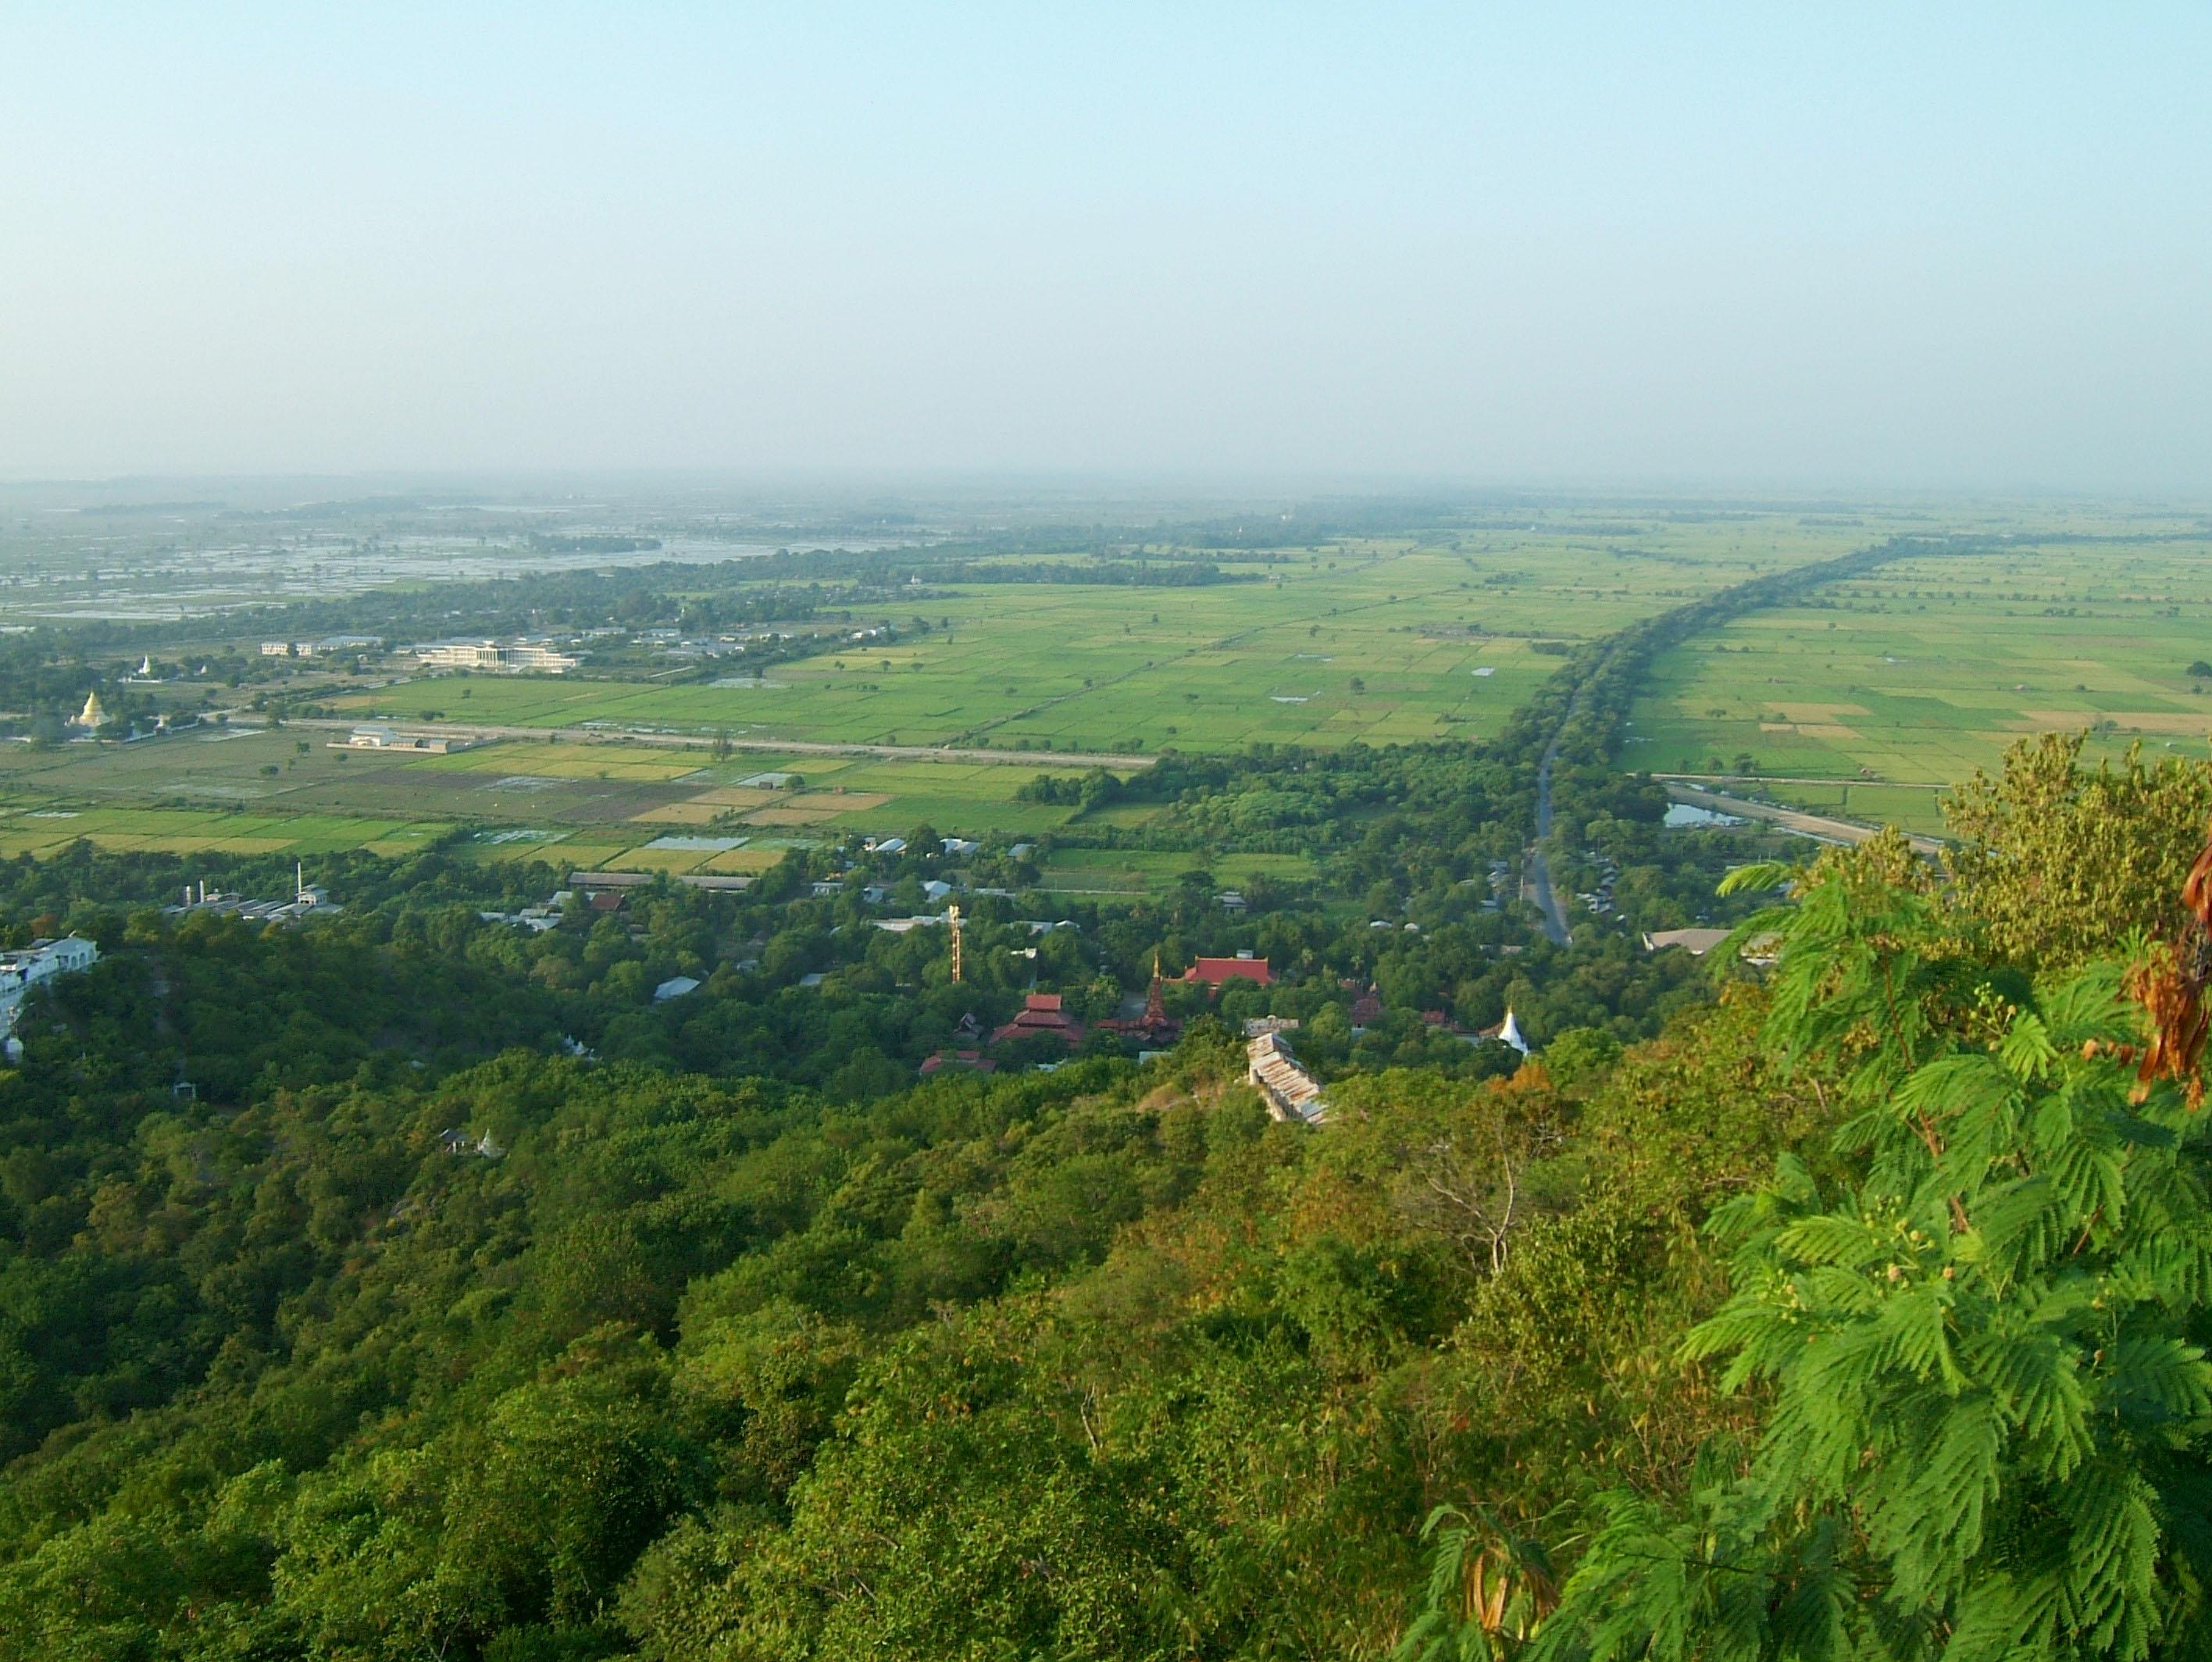 Mandalay Hill Sutaungpyei Pagoda panoramic views Dec 2000 26